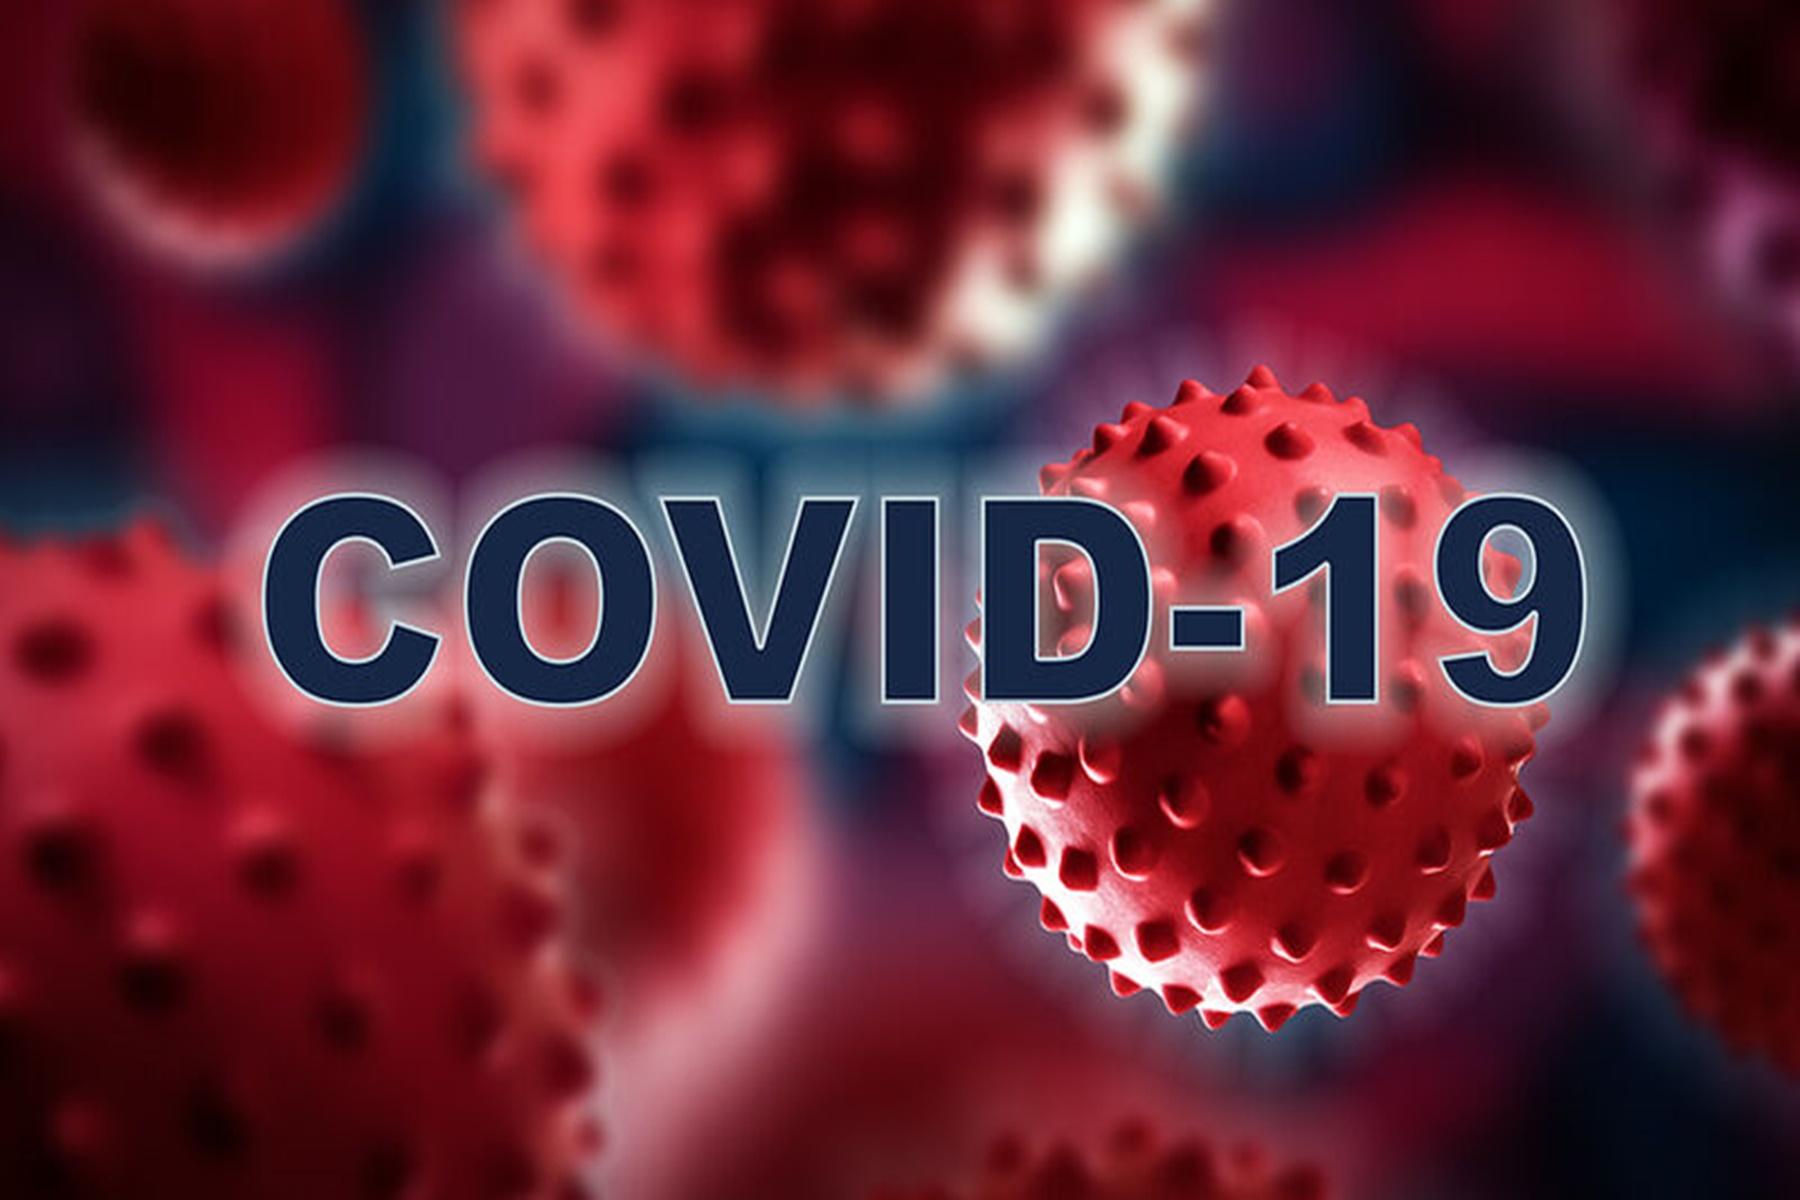 Κορωνοιός εμβόλια : Πρέπει να επαναληφθούν μετά από κάποιο διάστημα